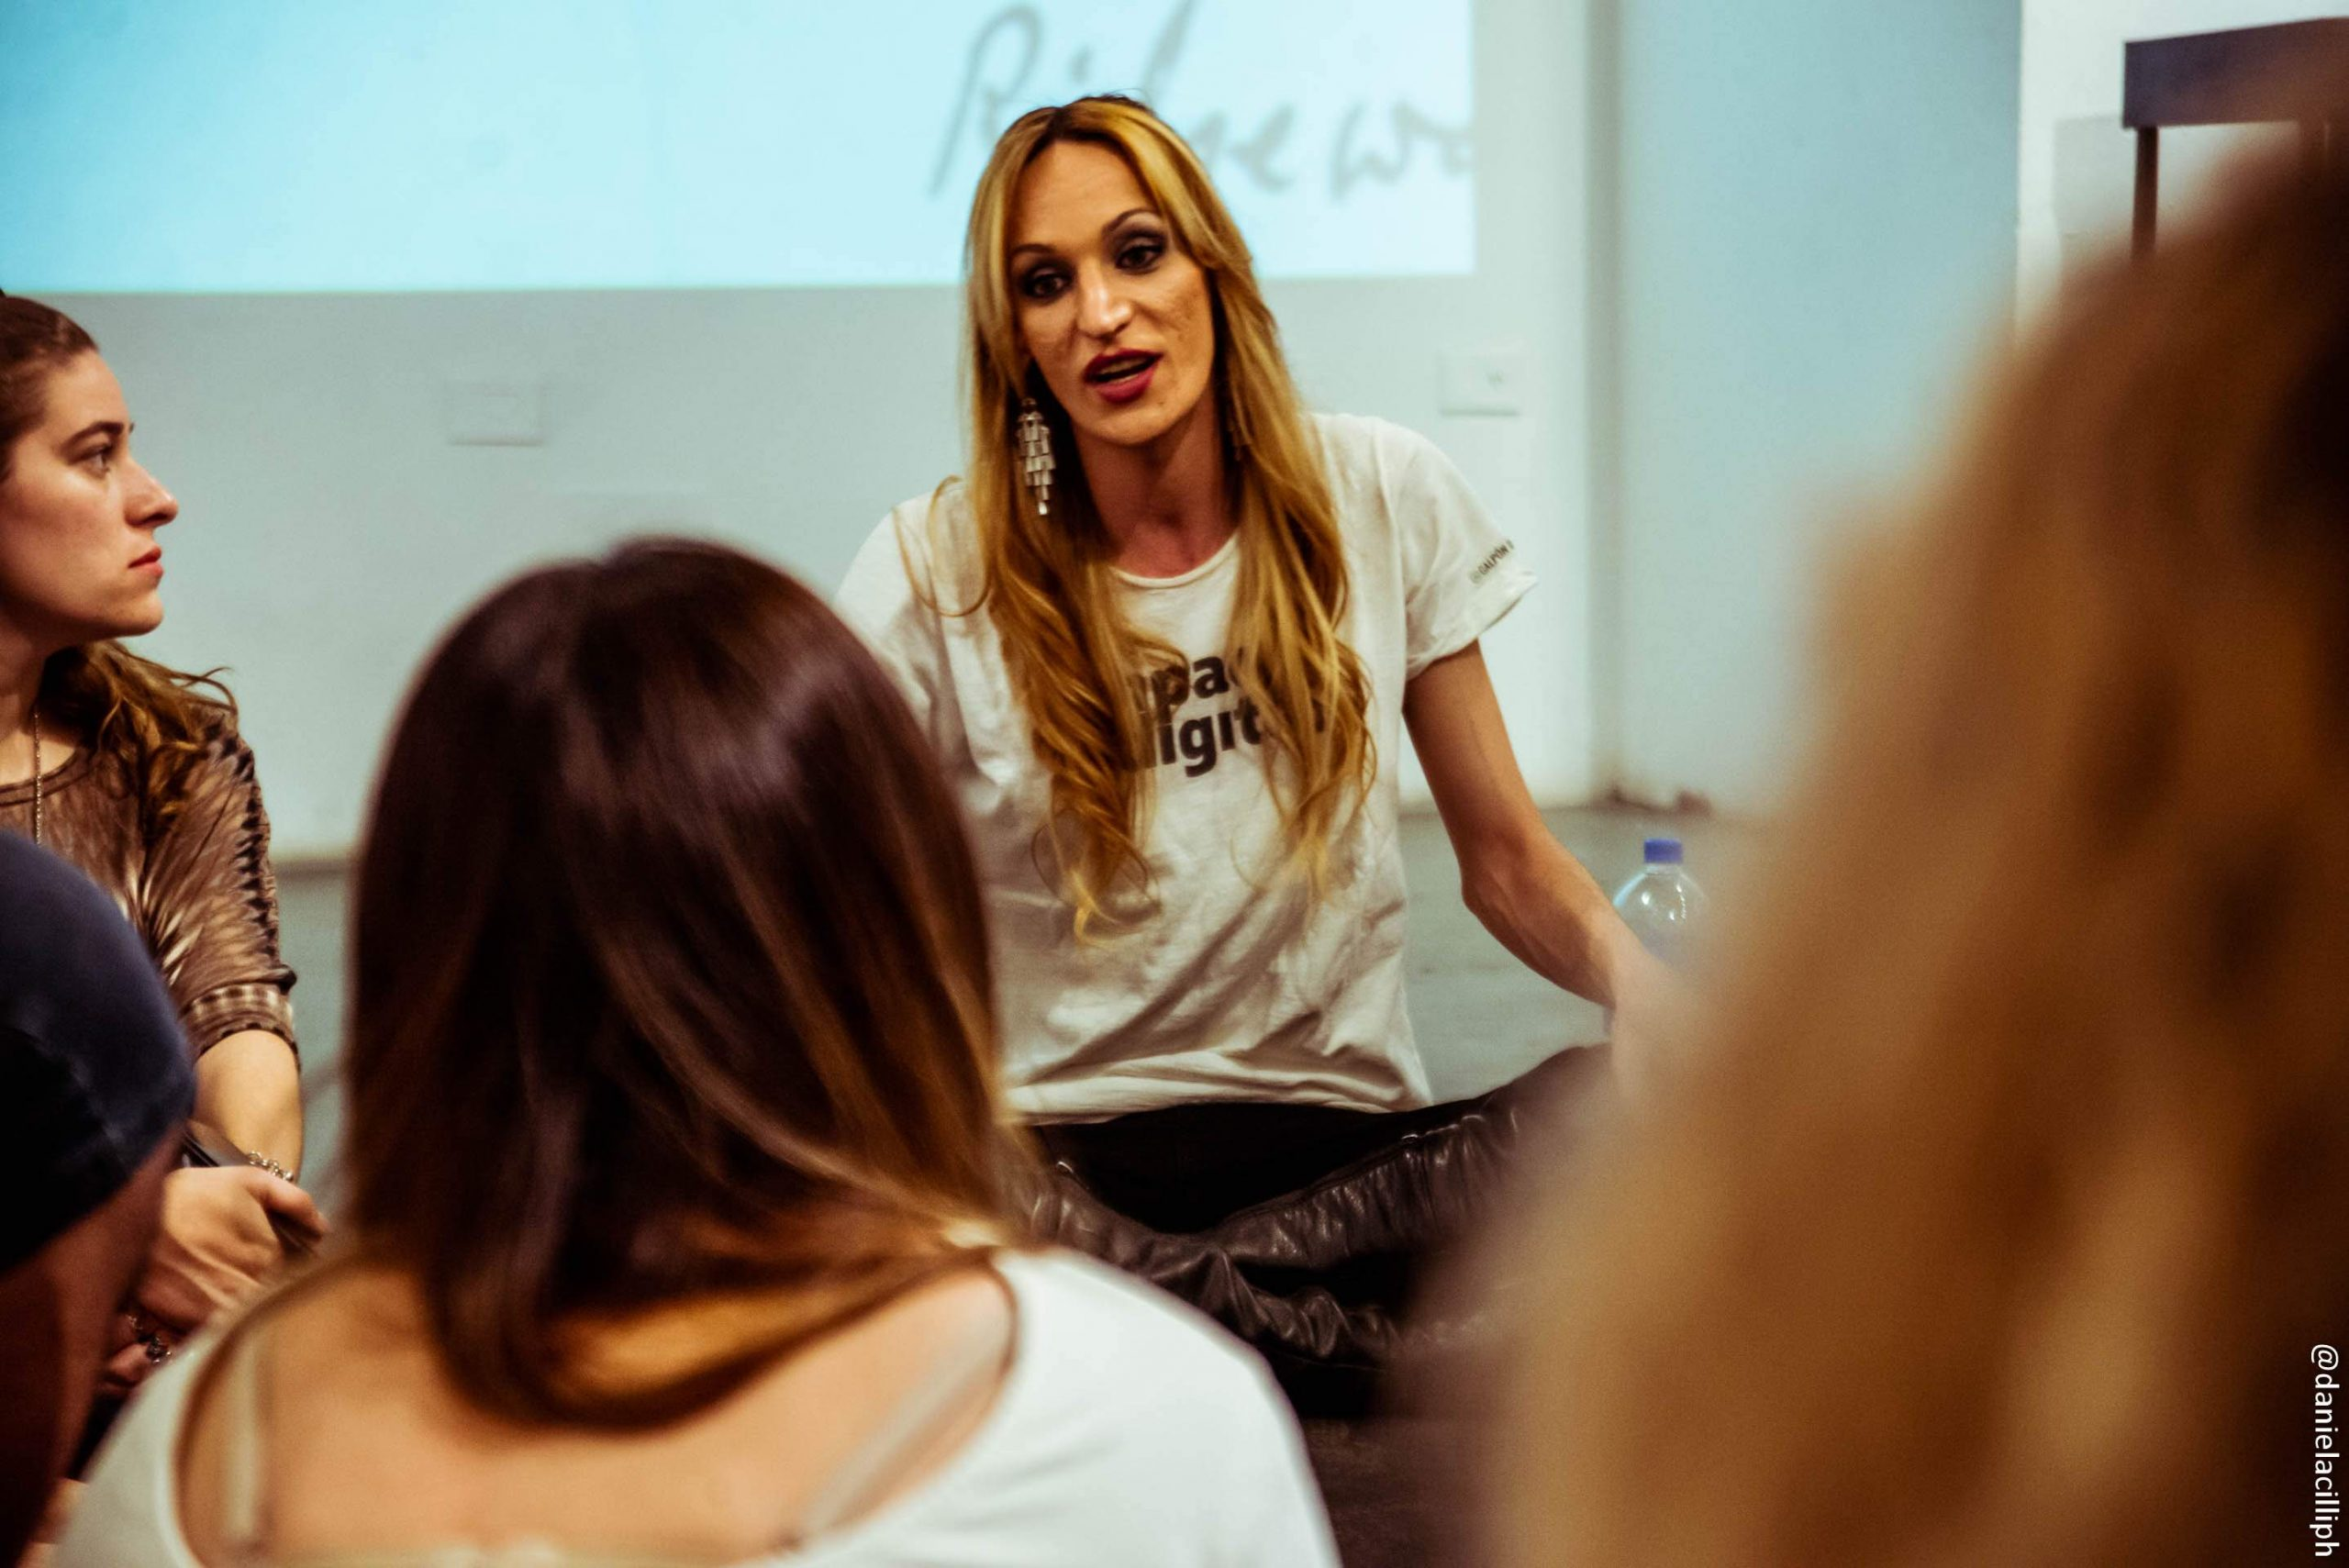 Contratá Trans: El proyecto que promueve la inclusión laboral en géneros disidentes